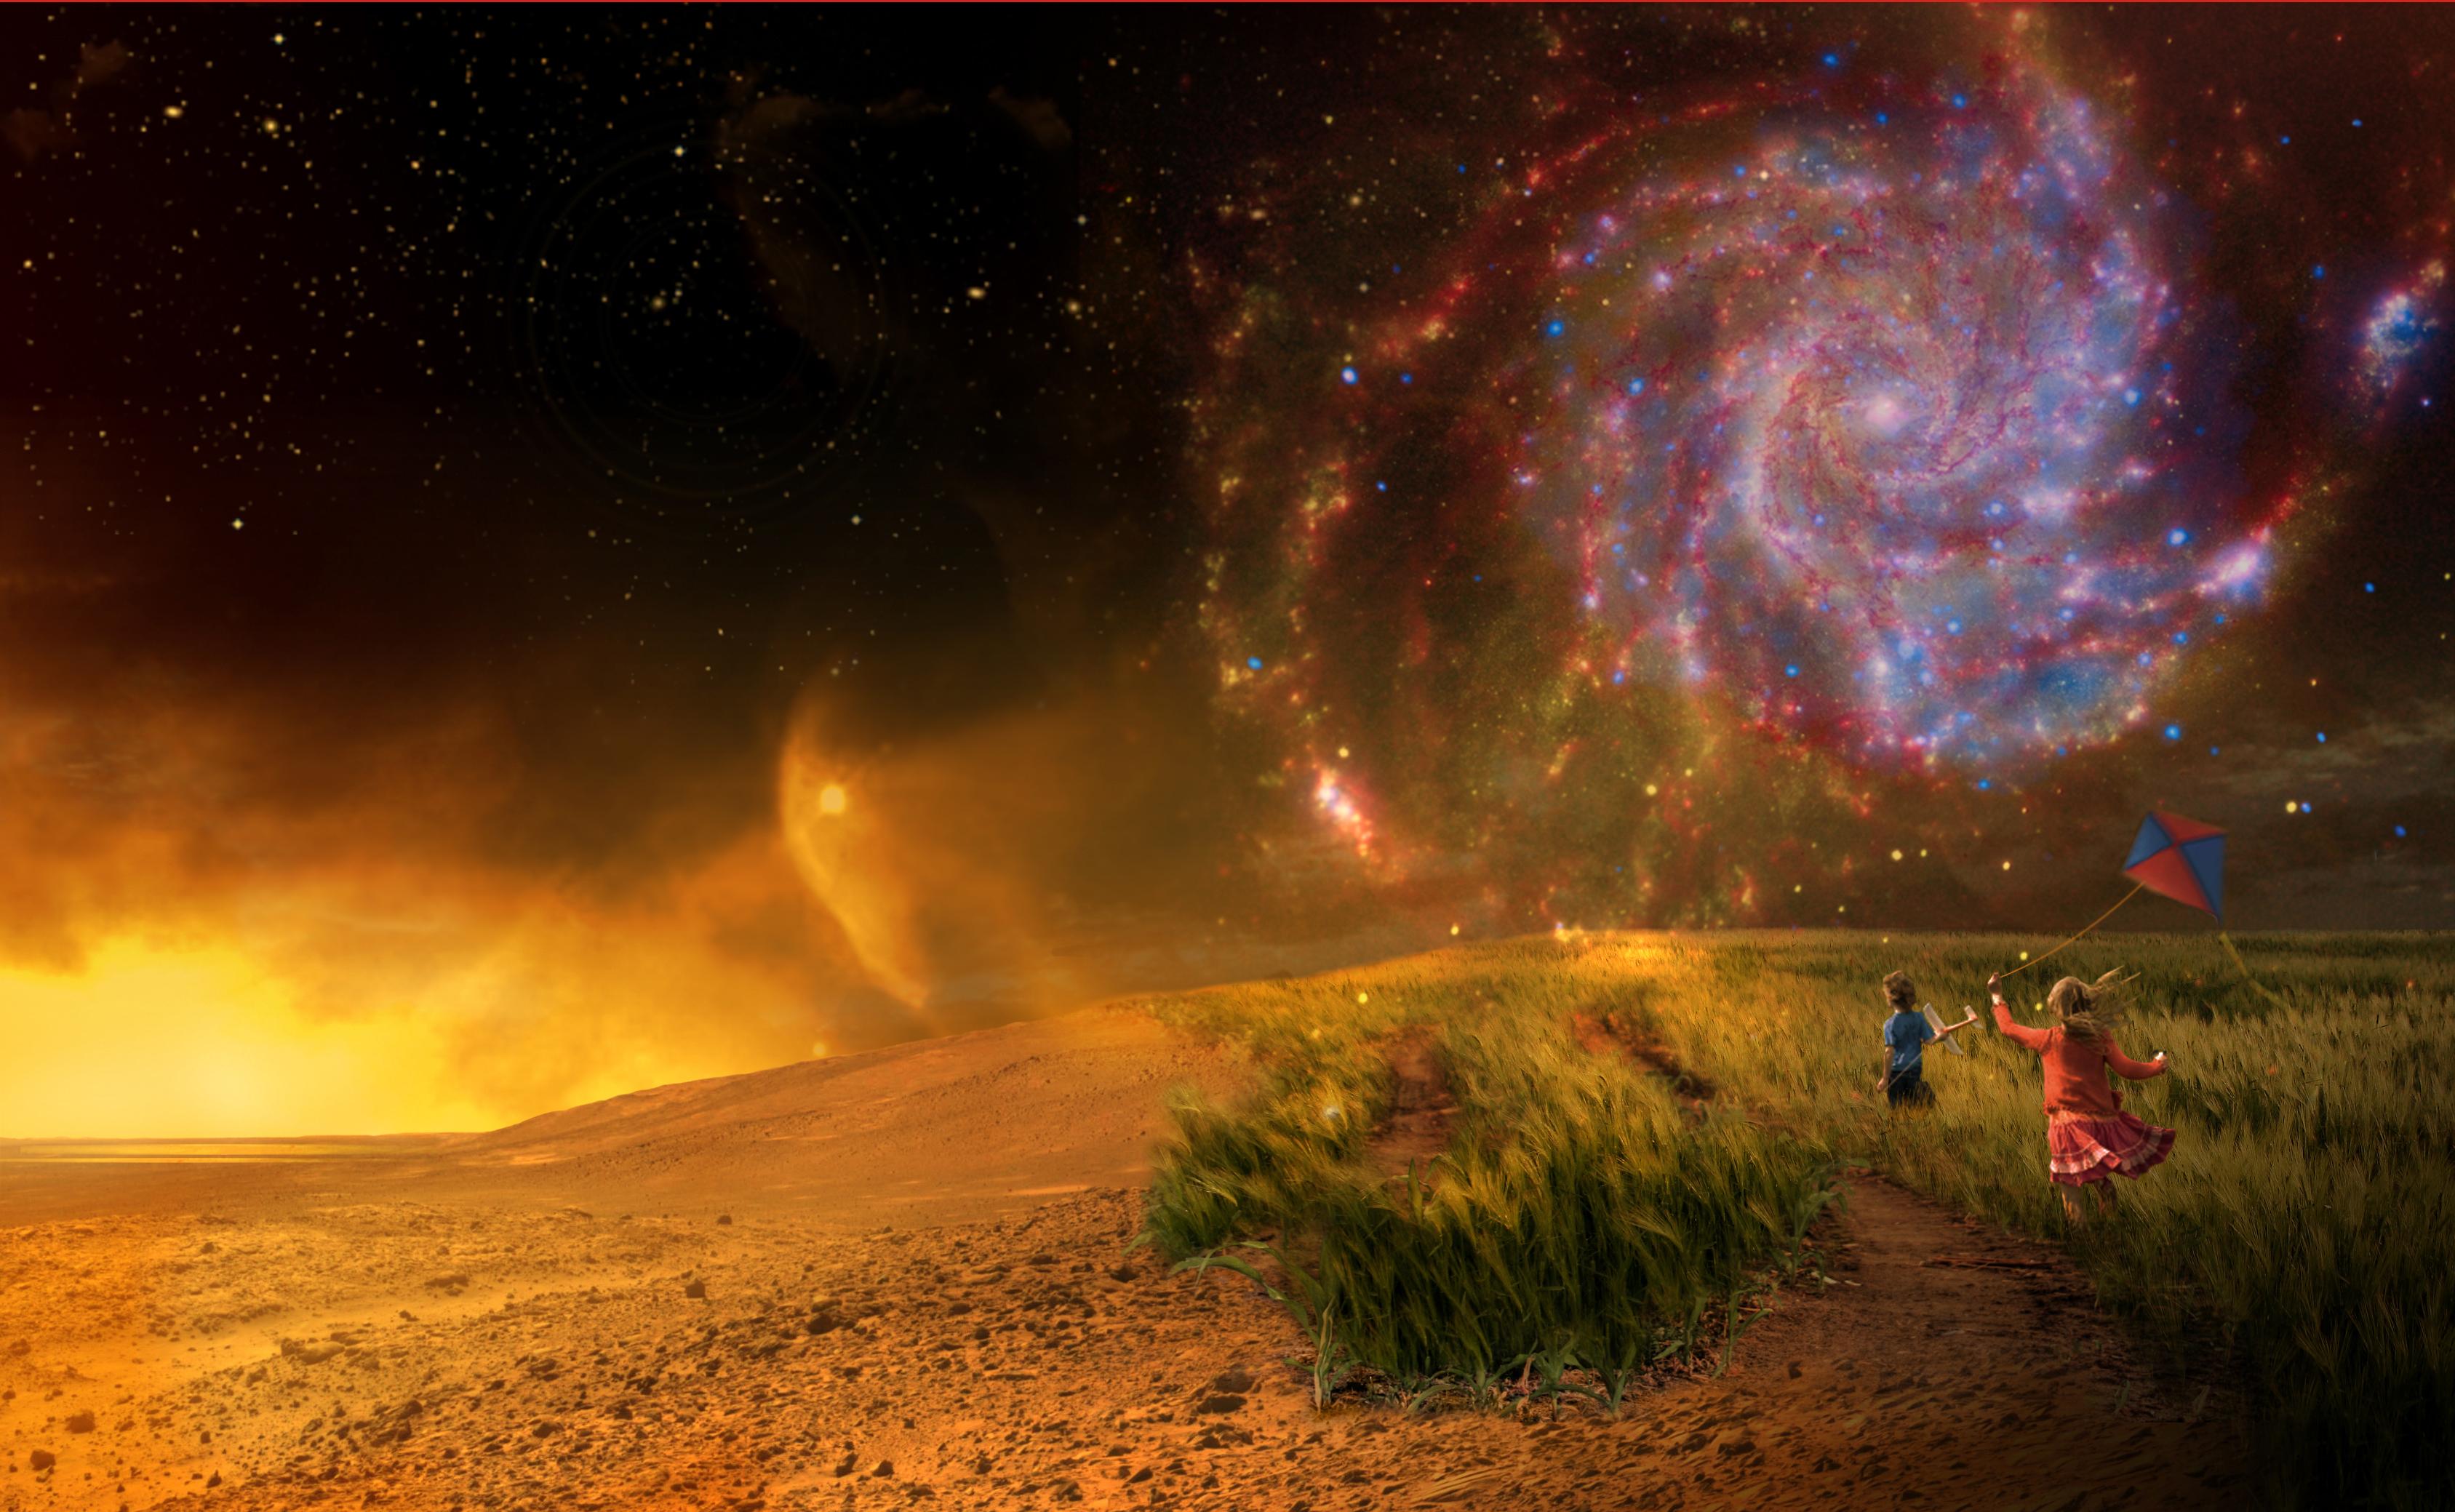 Il manifesto di NExSS, la collaborazione interdisciplinare è rappresentata dalla ricerca di coloro che studiano la Terra (in basso a dx) gli scienziati che si scoprono i pianeti extra solari (sinistra) e la scoperta di nuovi mondi nella galassia (in alto a dx) (fonte: Nasa.gov)